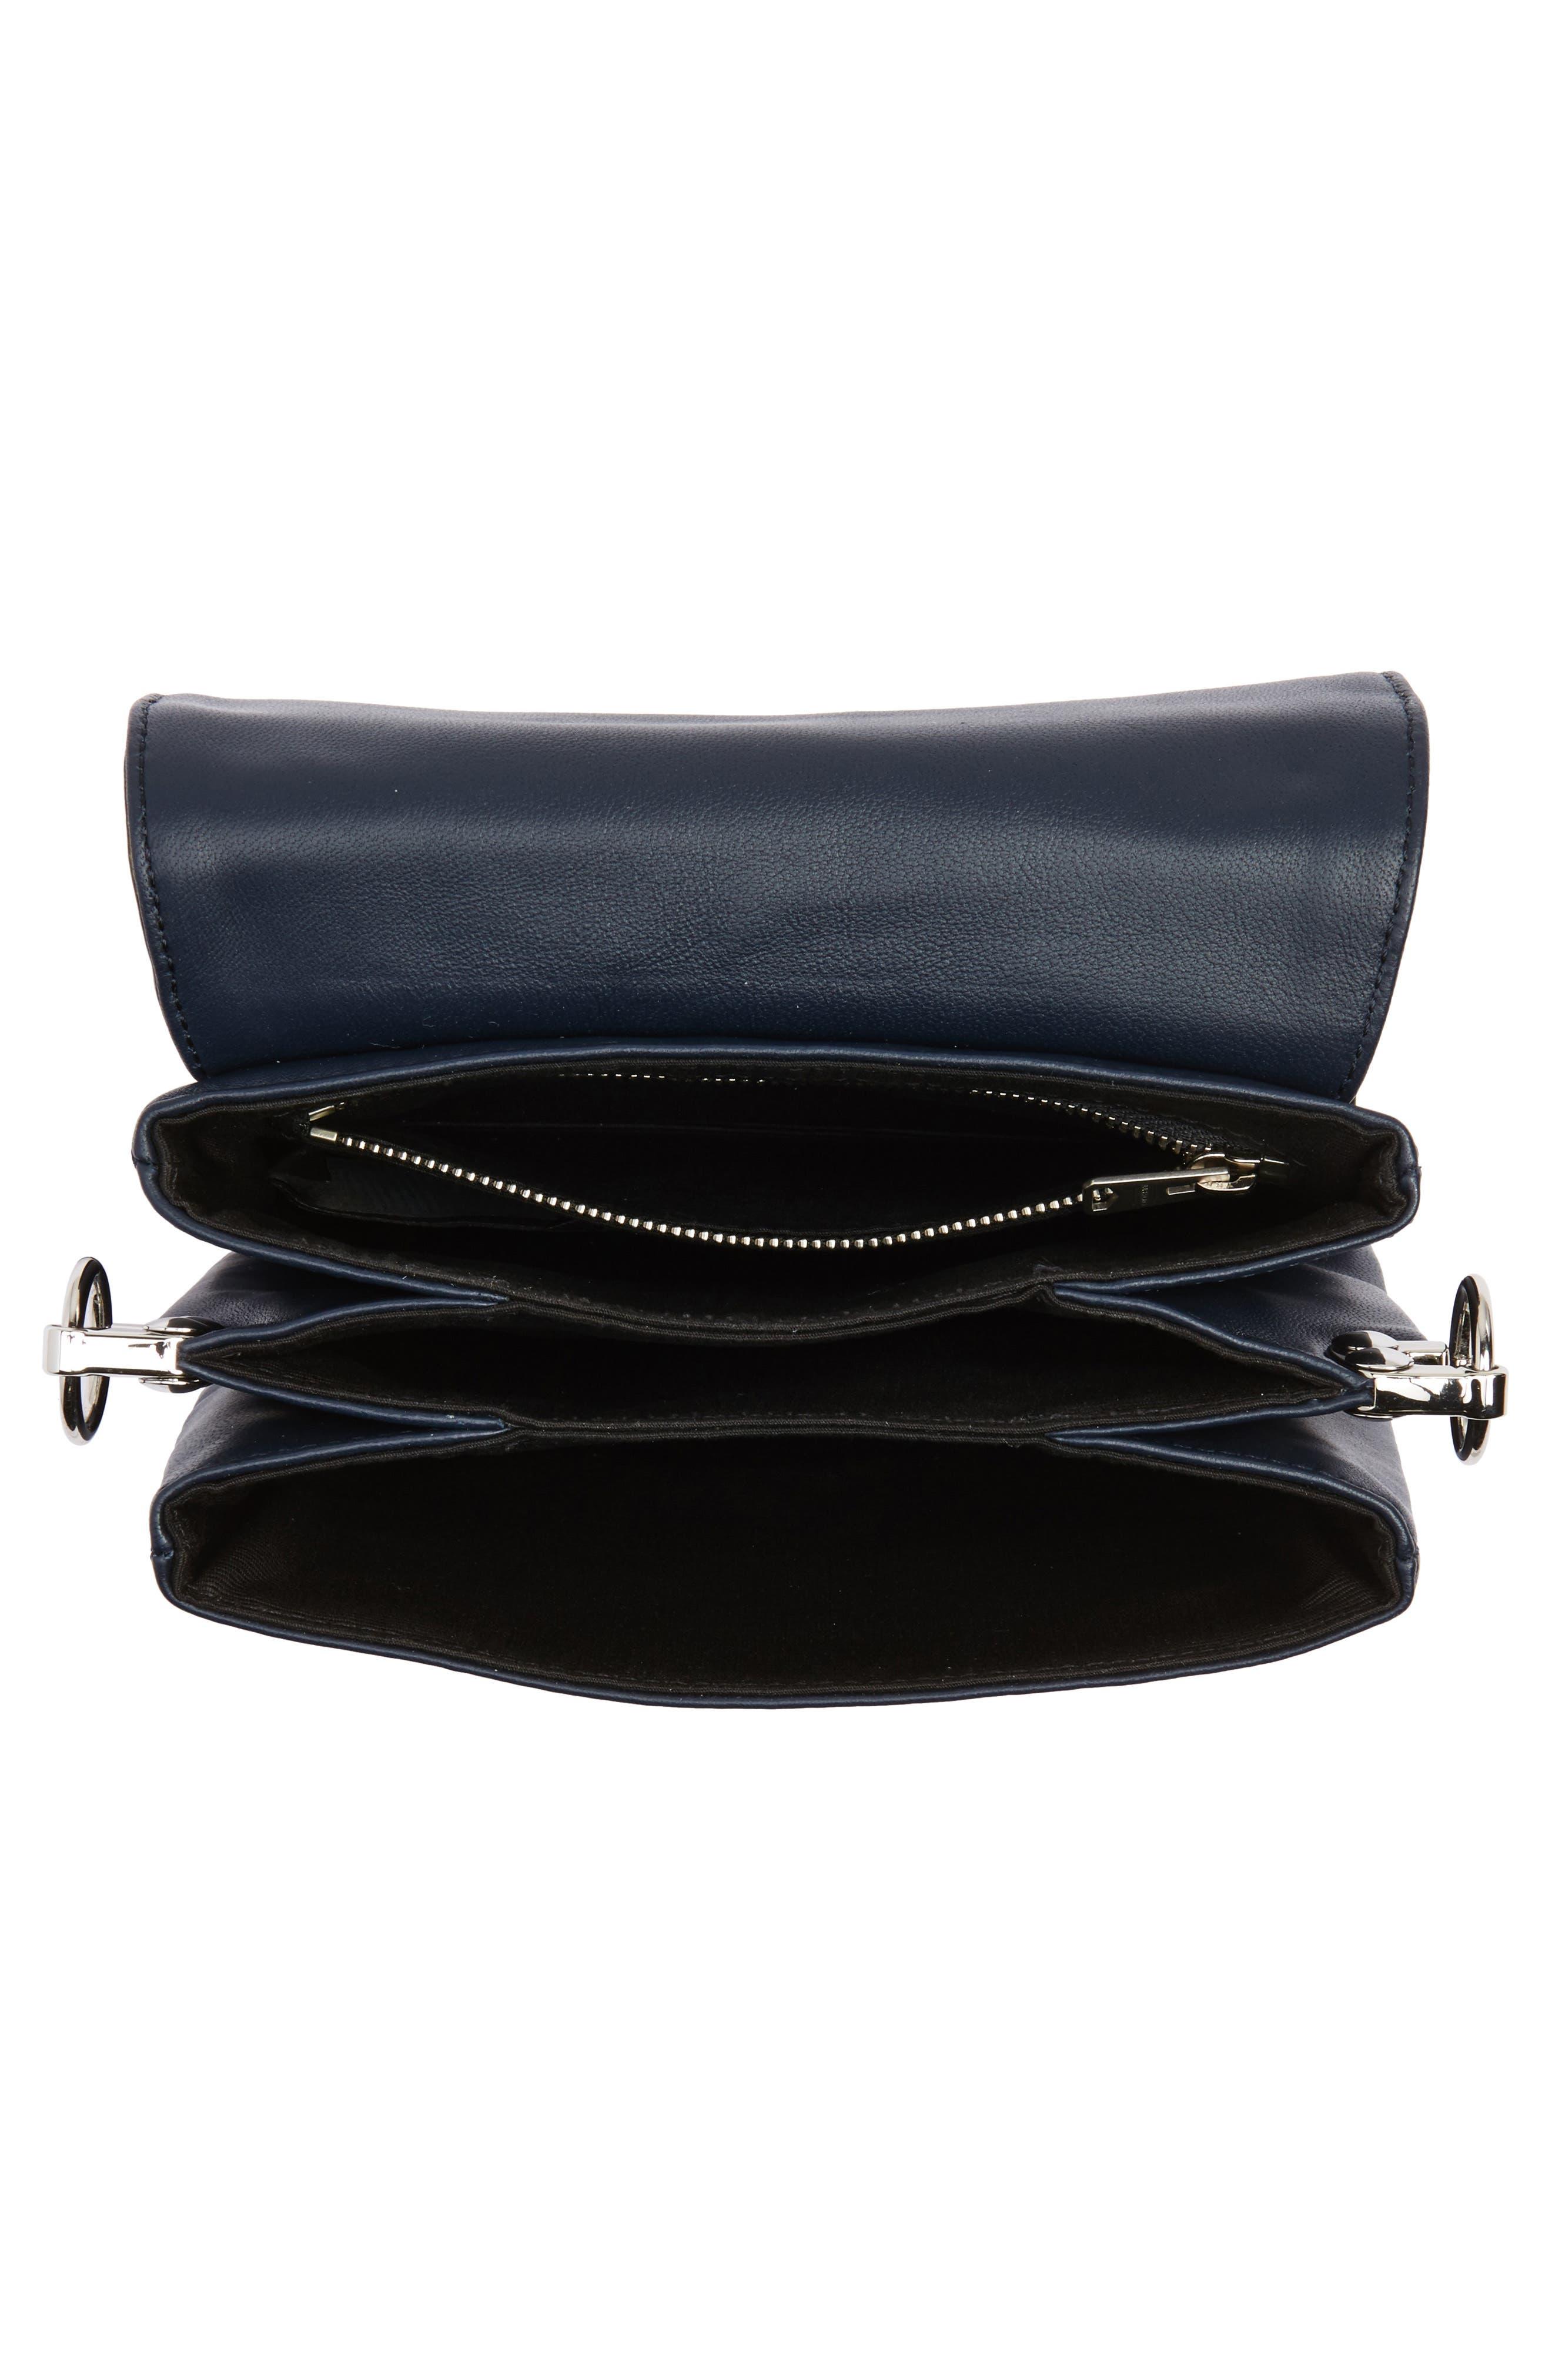 Zep Lambskin Leather Shoulder Bag,                             Alternate thumbnail 7, color,